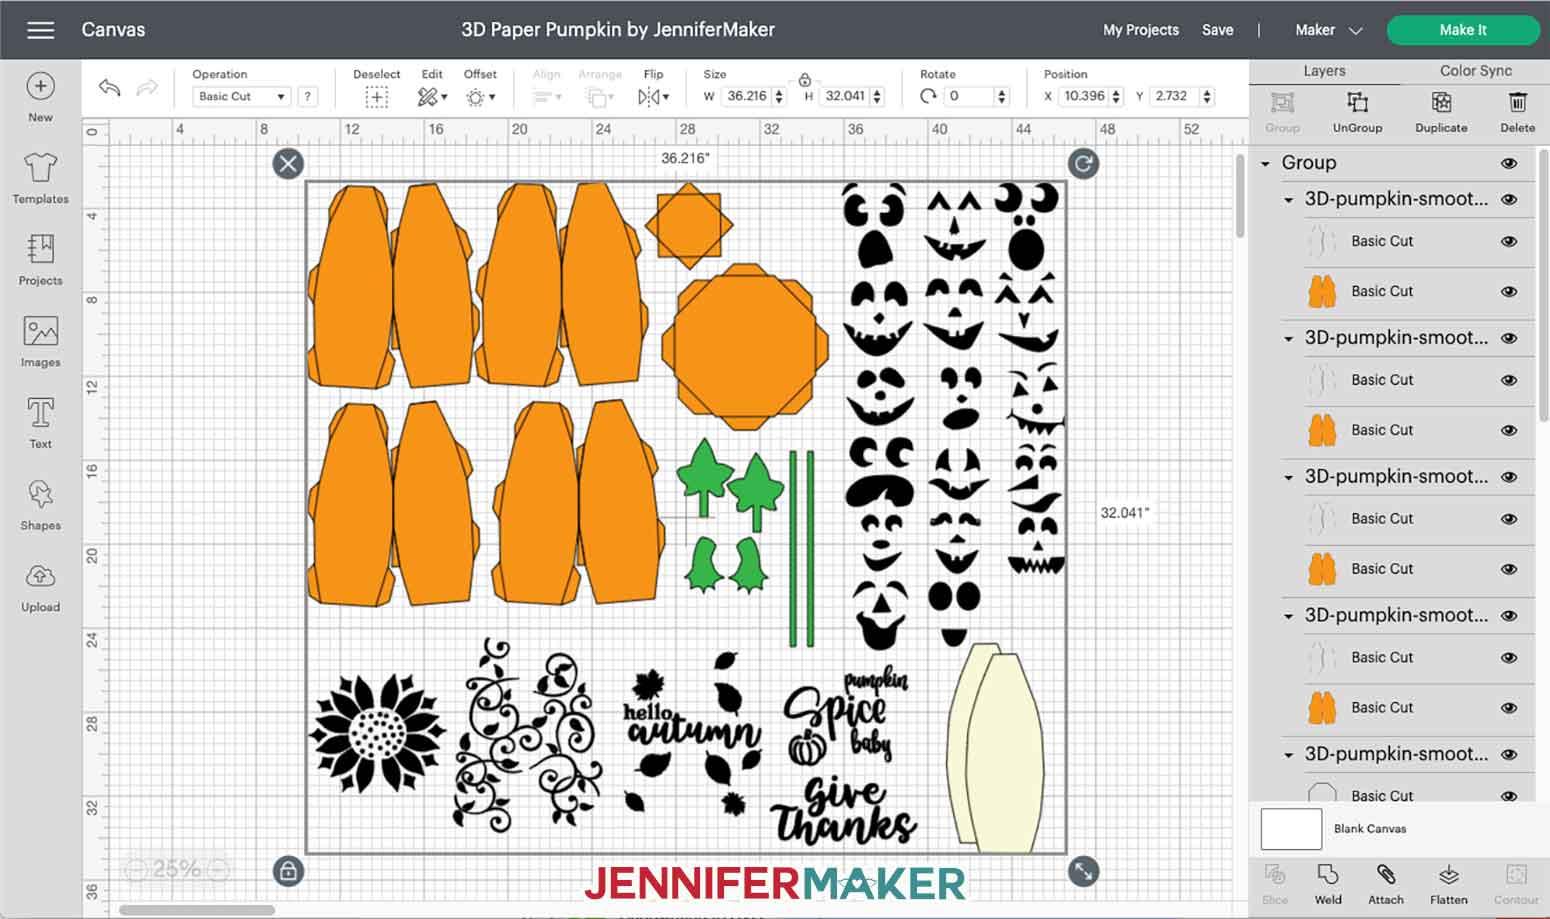 3D Paper Pumpkin SVG Cut File uploaded to Cricut Design Space